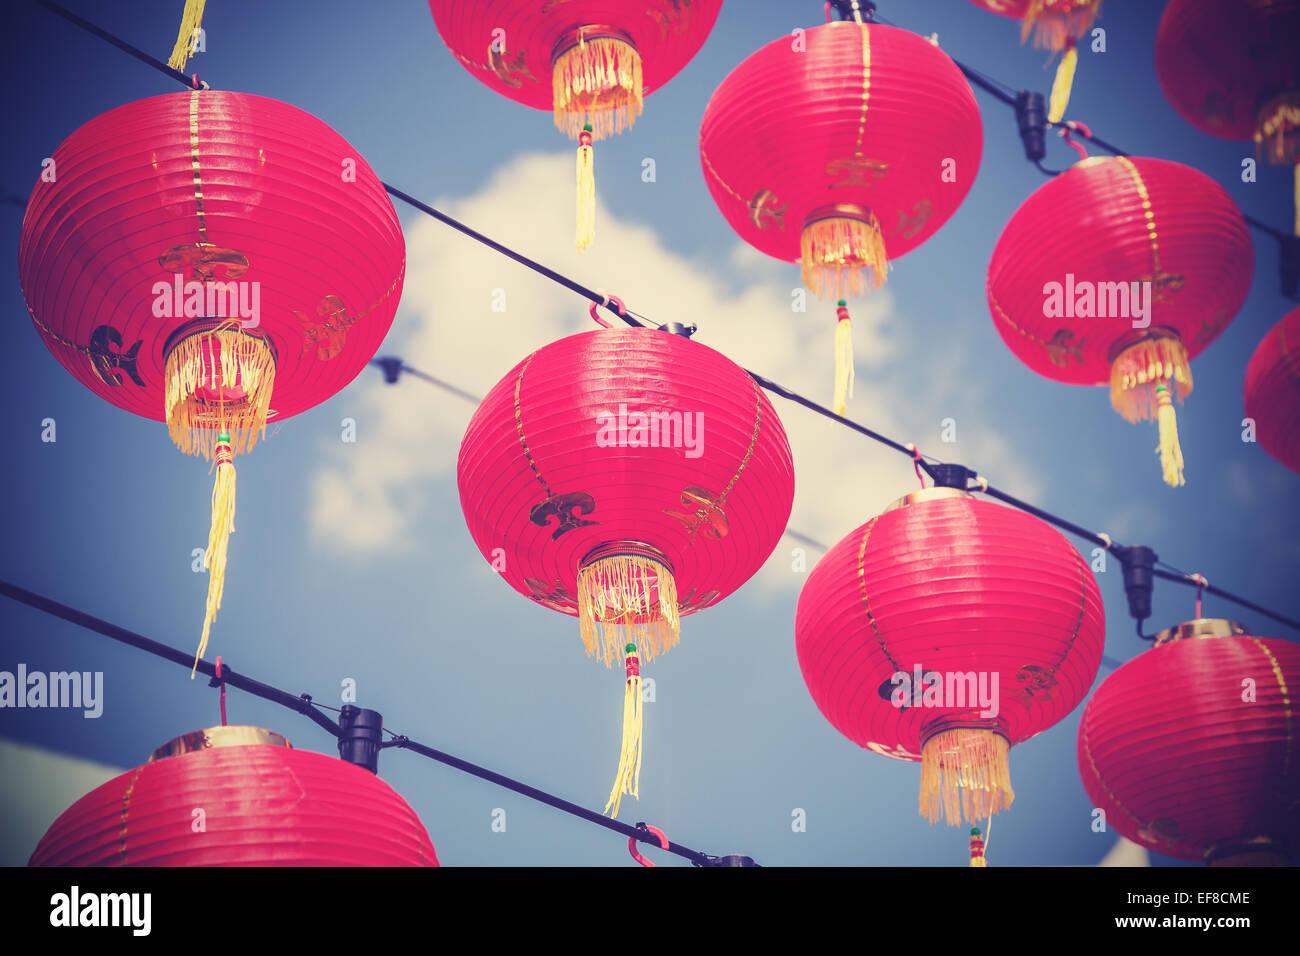 Filtrée rétro rouge chinois des lanternes en papier contre le ciel bleu. Photo Stock